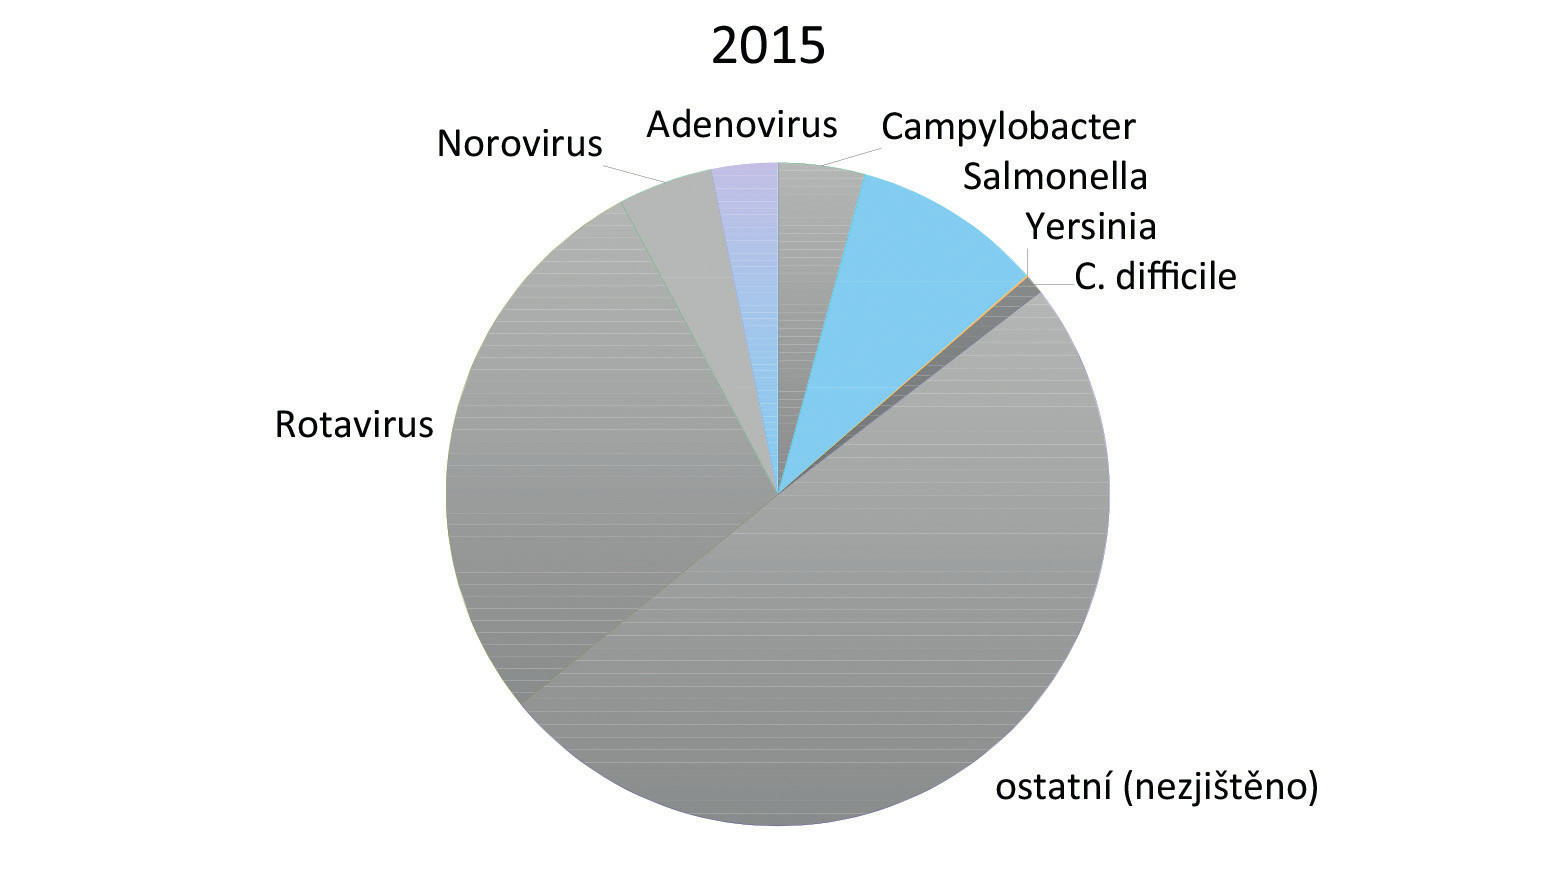 Etiologie gastroenteritid u pacientů hospitalizovaných na Klinice dětských infekčních nemocí FN Brno v roce 2015. Uvedena jsou jednotlivá etiologická agens, počet případů a procentuální zastoupení. *Zahrnuti pacienti s klostridiovou kolitidou (<em>Clostridium difficile</em> infection, CDI) podle definice uvedené v části Materiál a metody